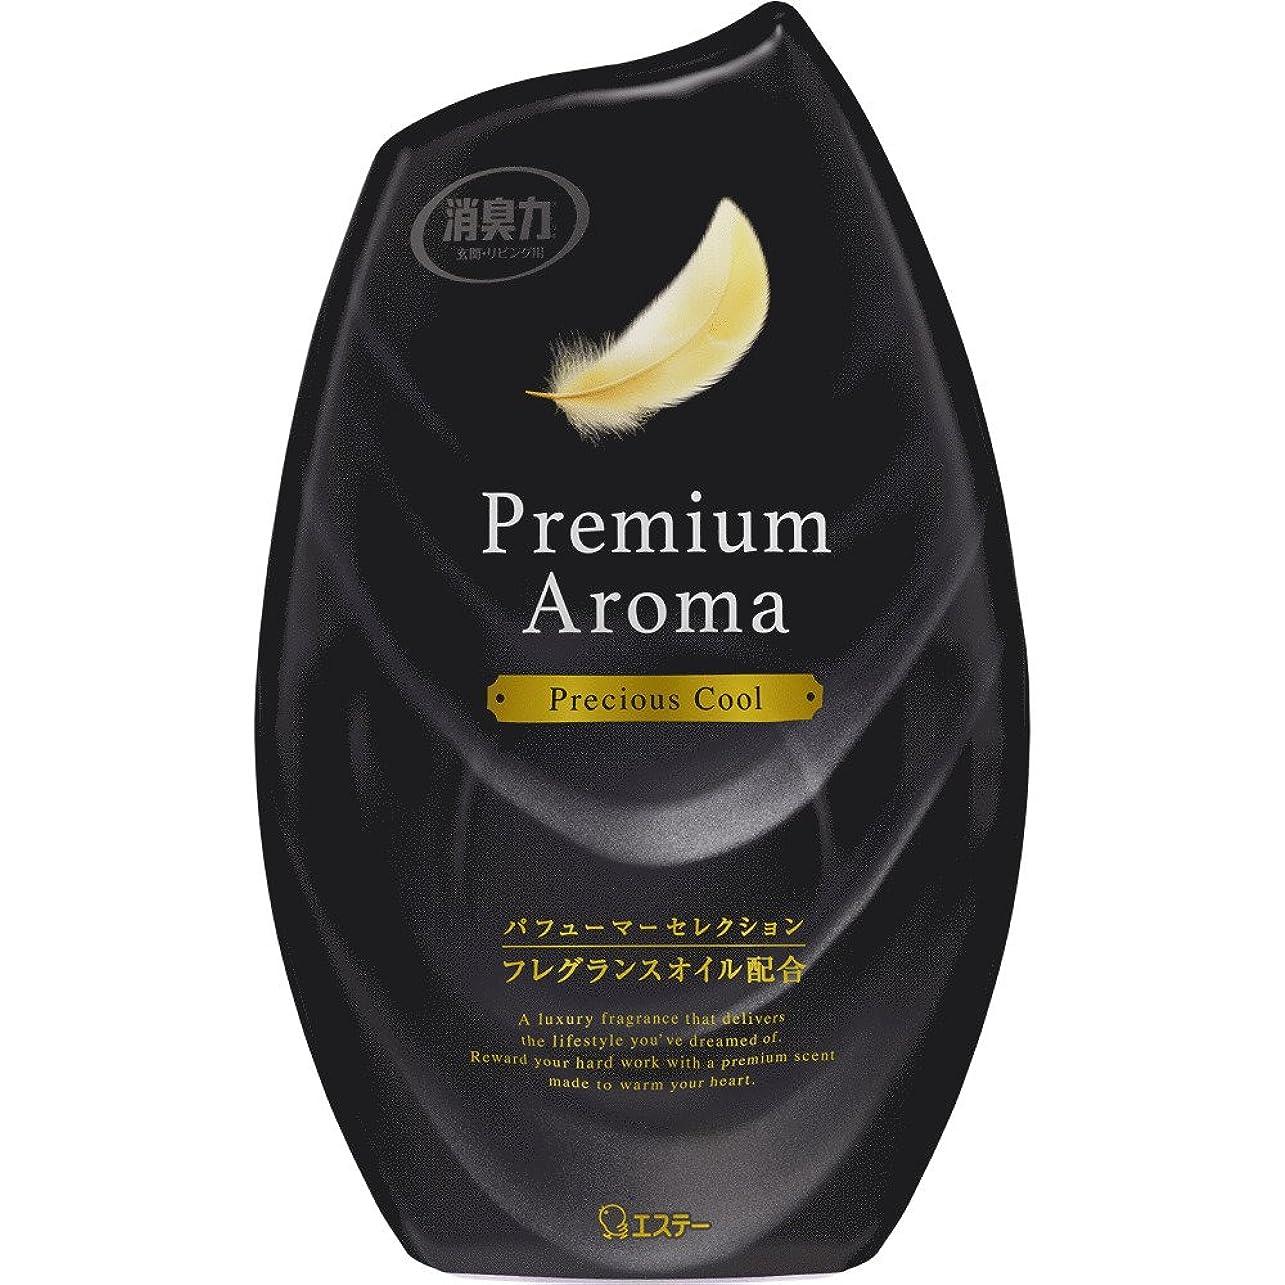 拡声器受け皿薄汚いお部屋の消臭力 プレミアムアロマ Premium Aroma 消臭芳香剤 部屋用 部屋 プレシャスクールの香り 400ml